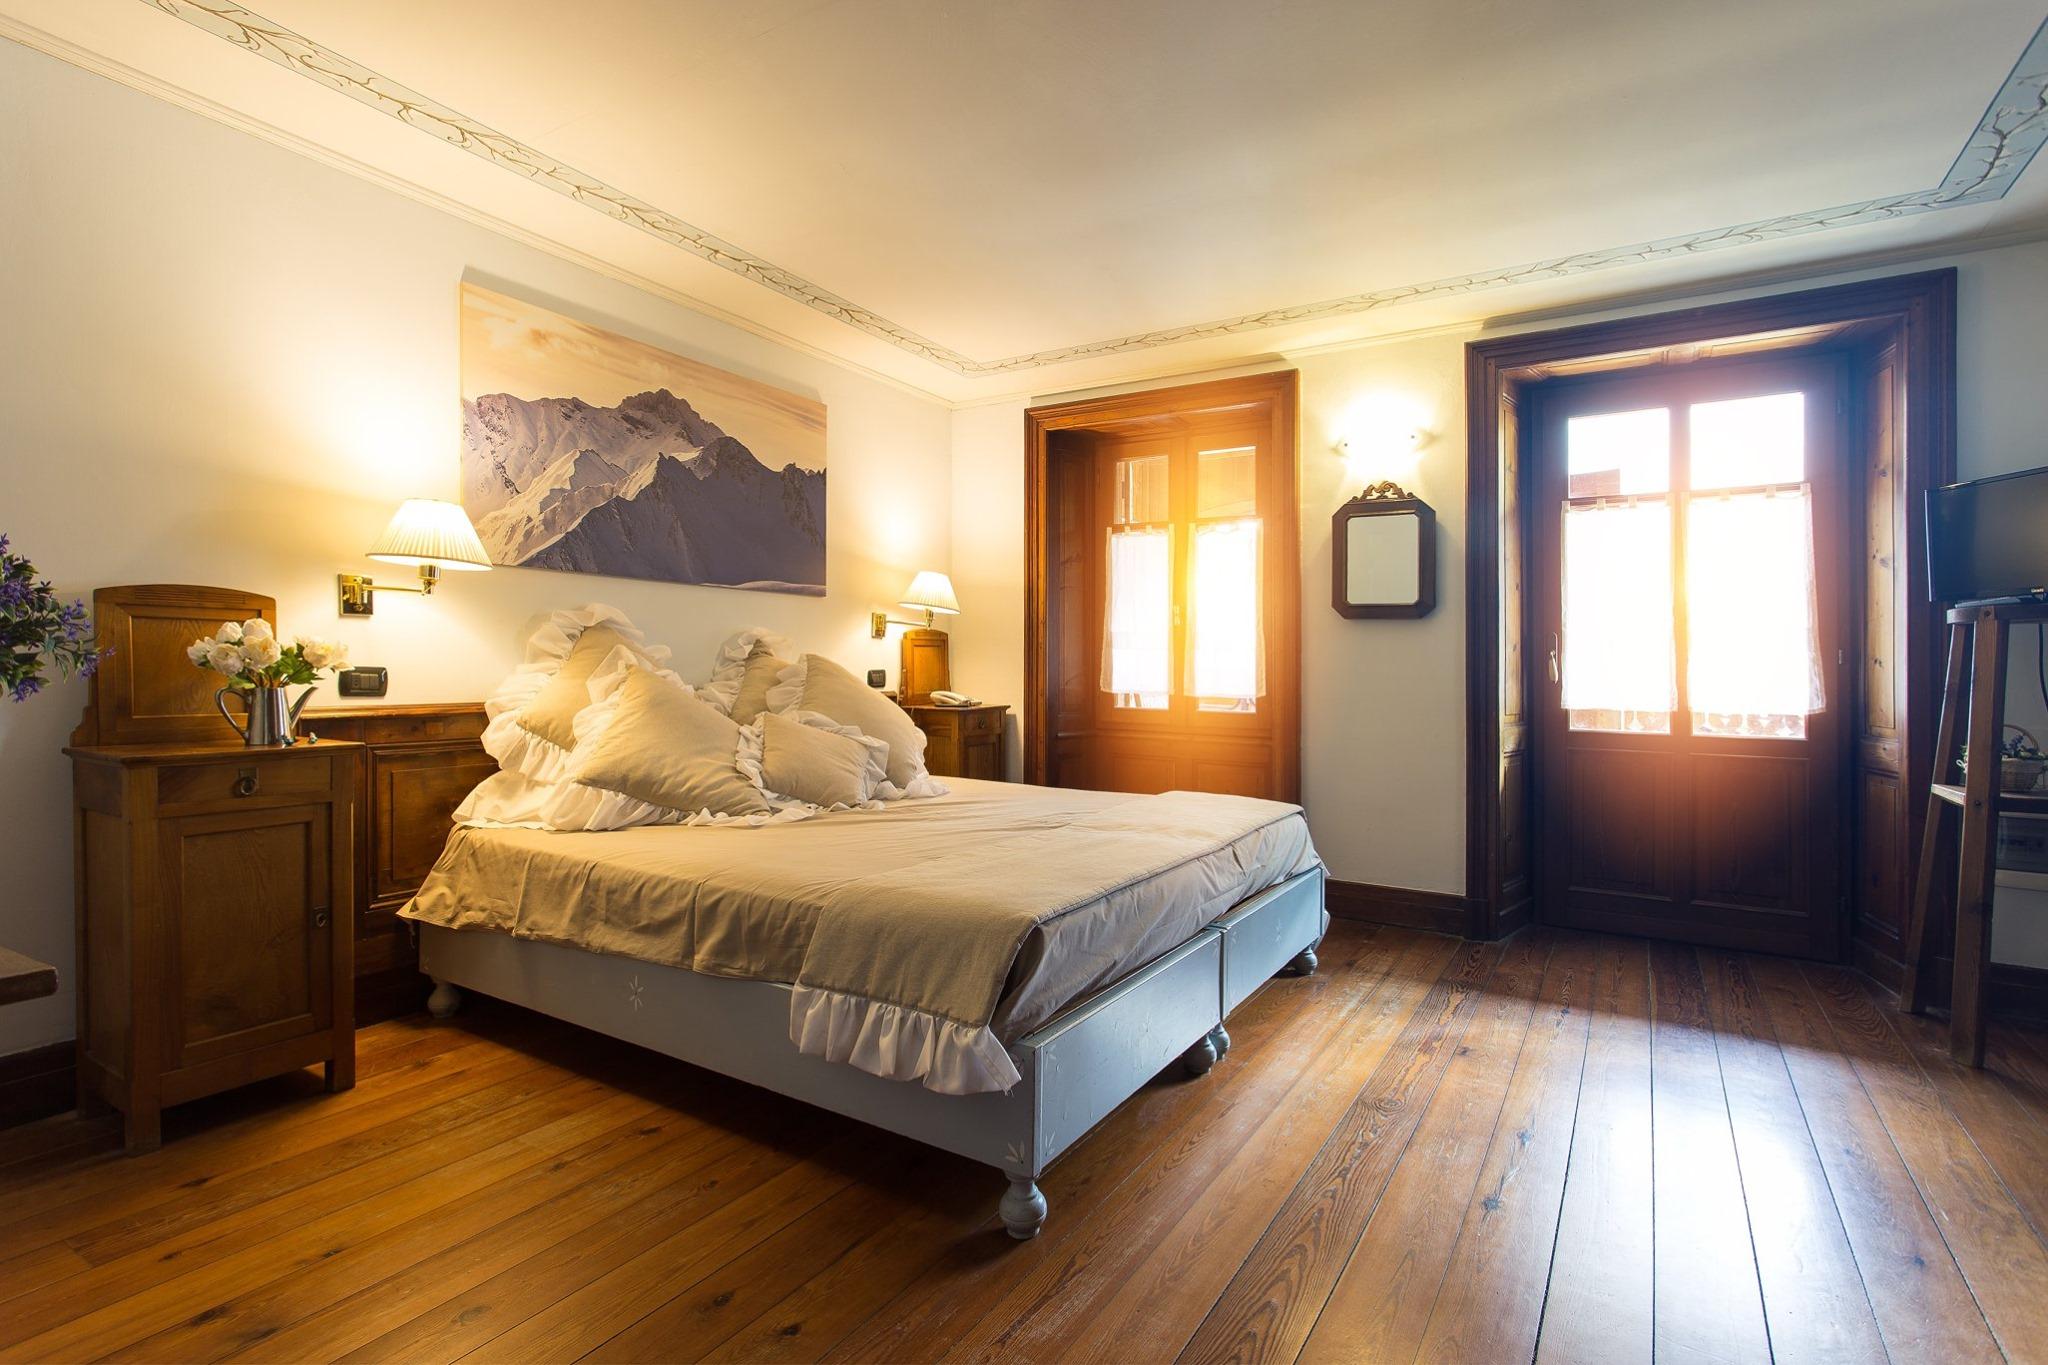 Foto di interni per albergo